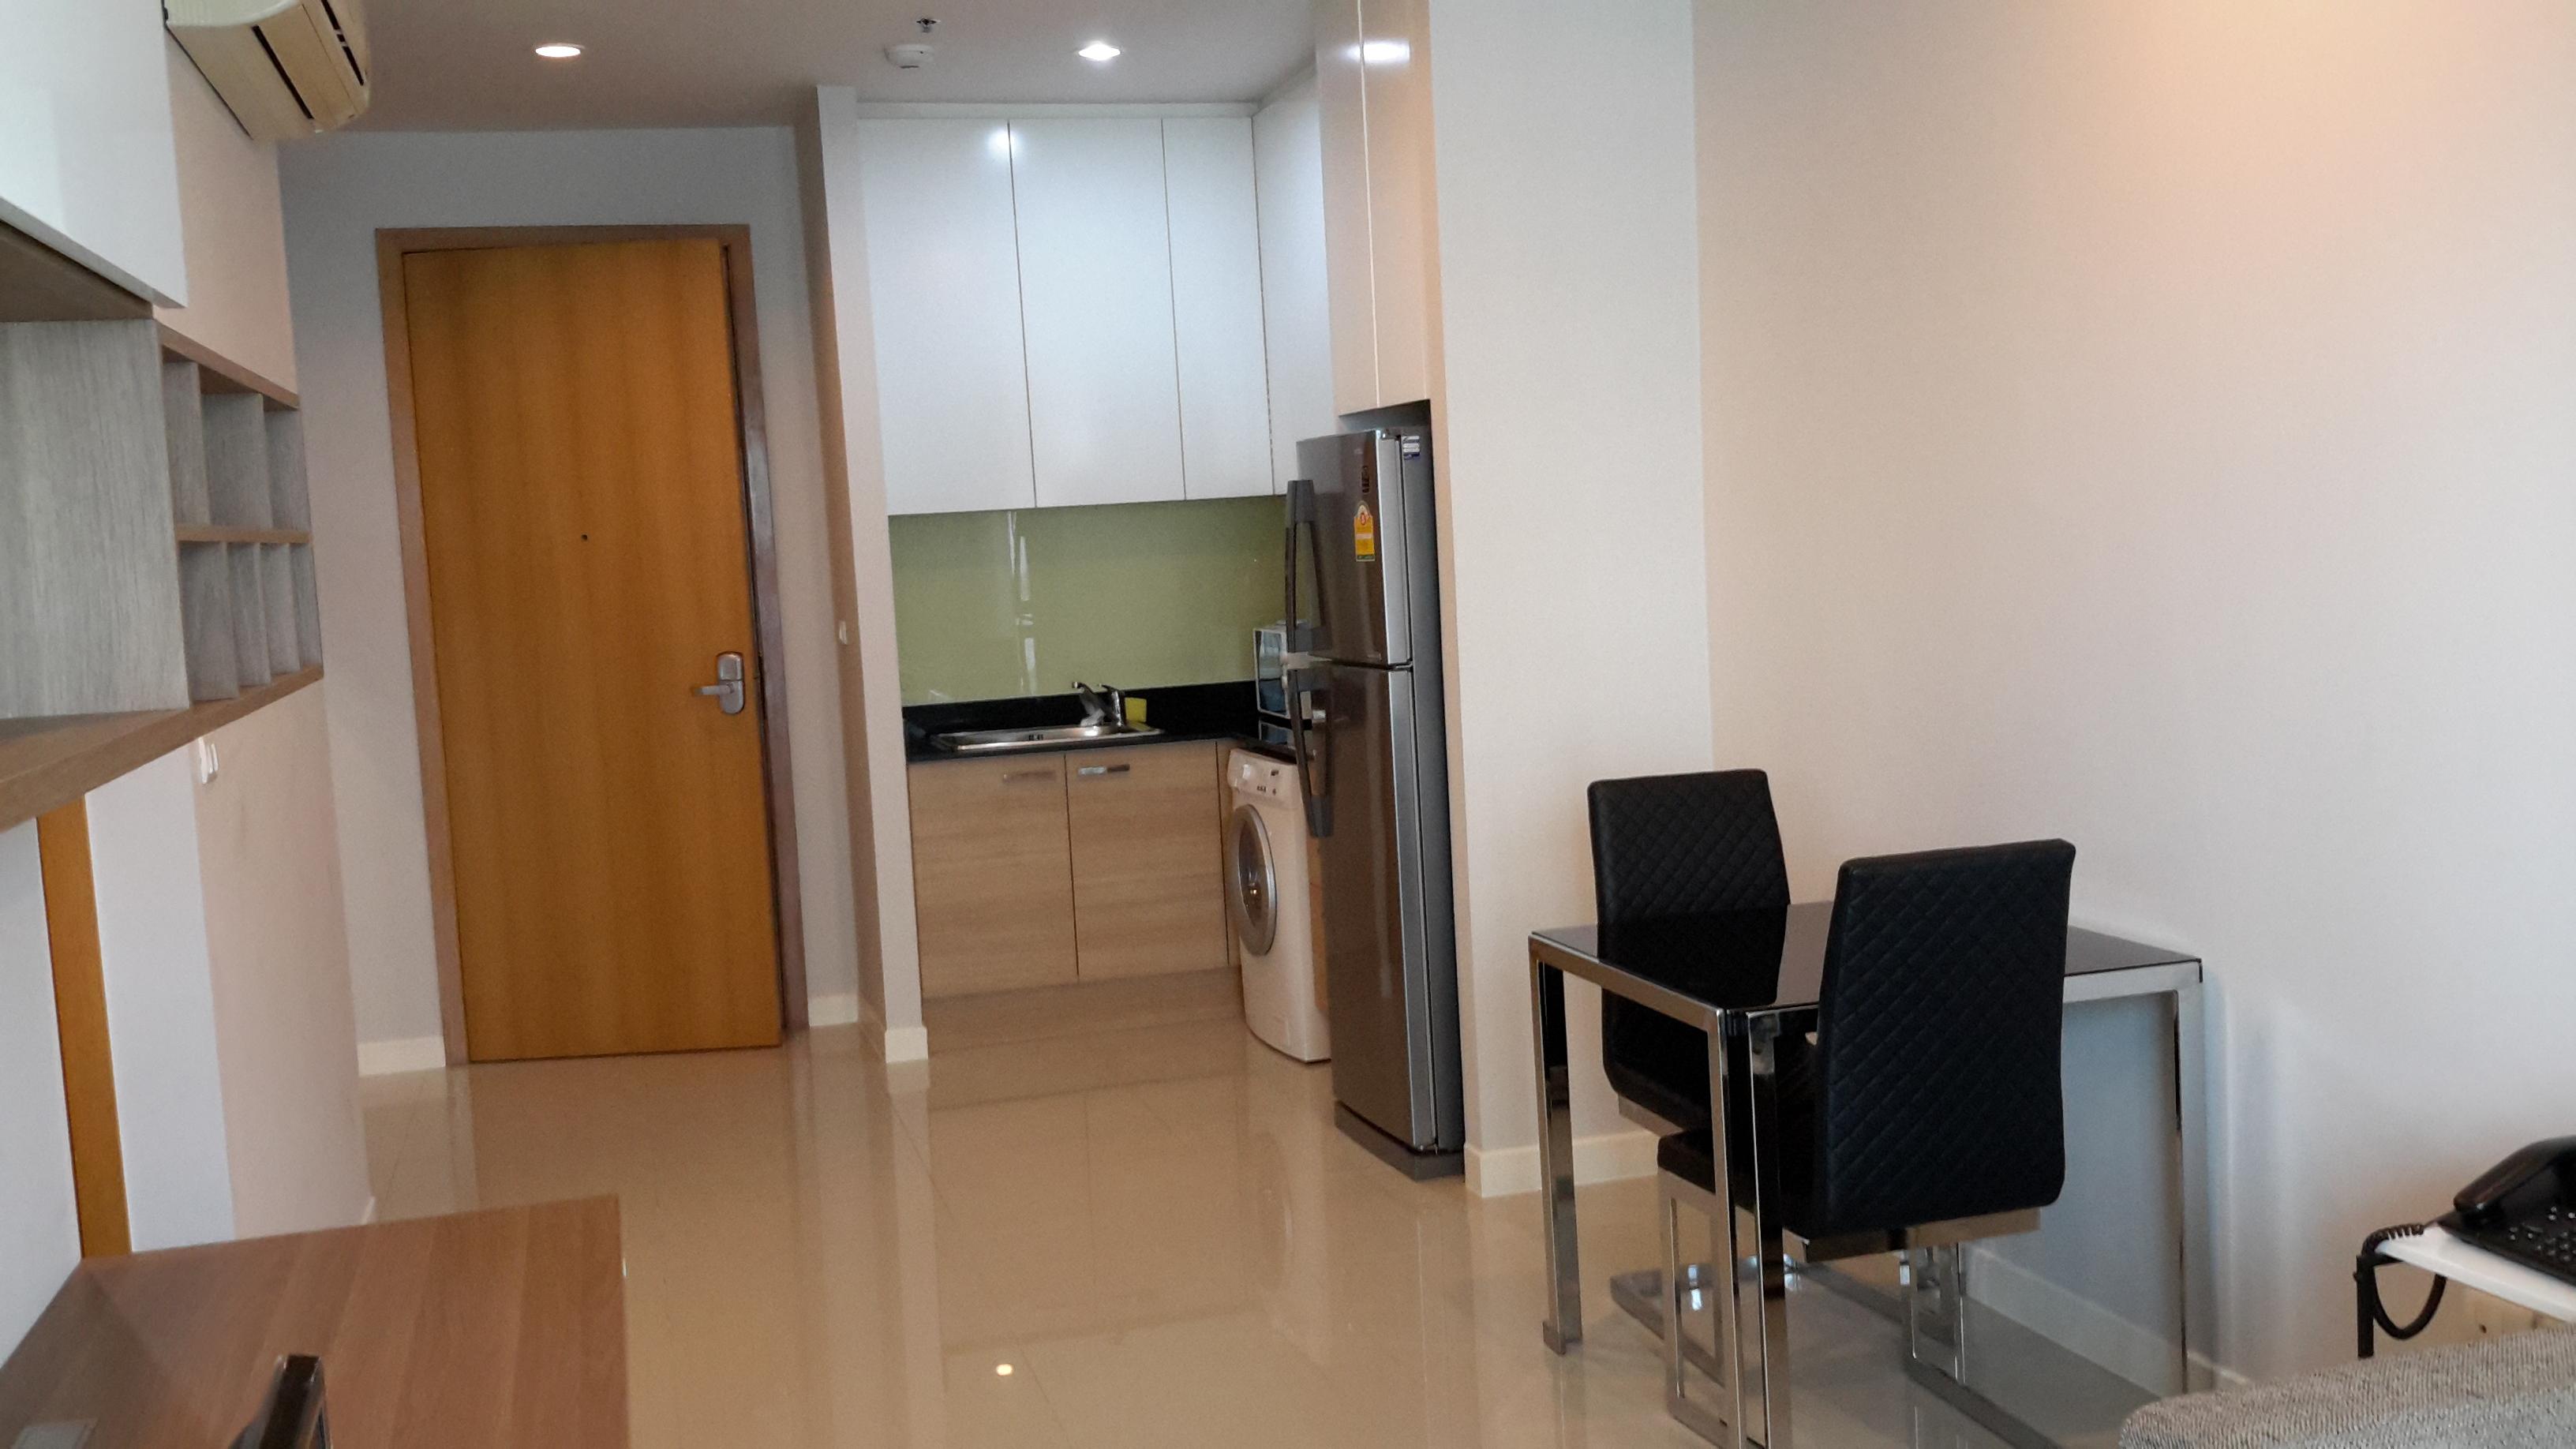 RE/MAX All Star Realty Agency's One Bedder (48sqm) at Circle Condo for Rent – walk to BTS Nana, ARL Makkasan, MRT Petchaburi 1